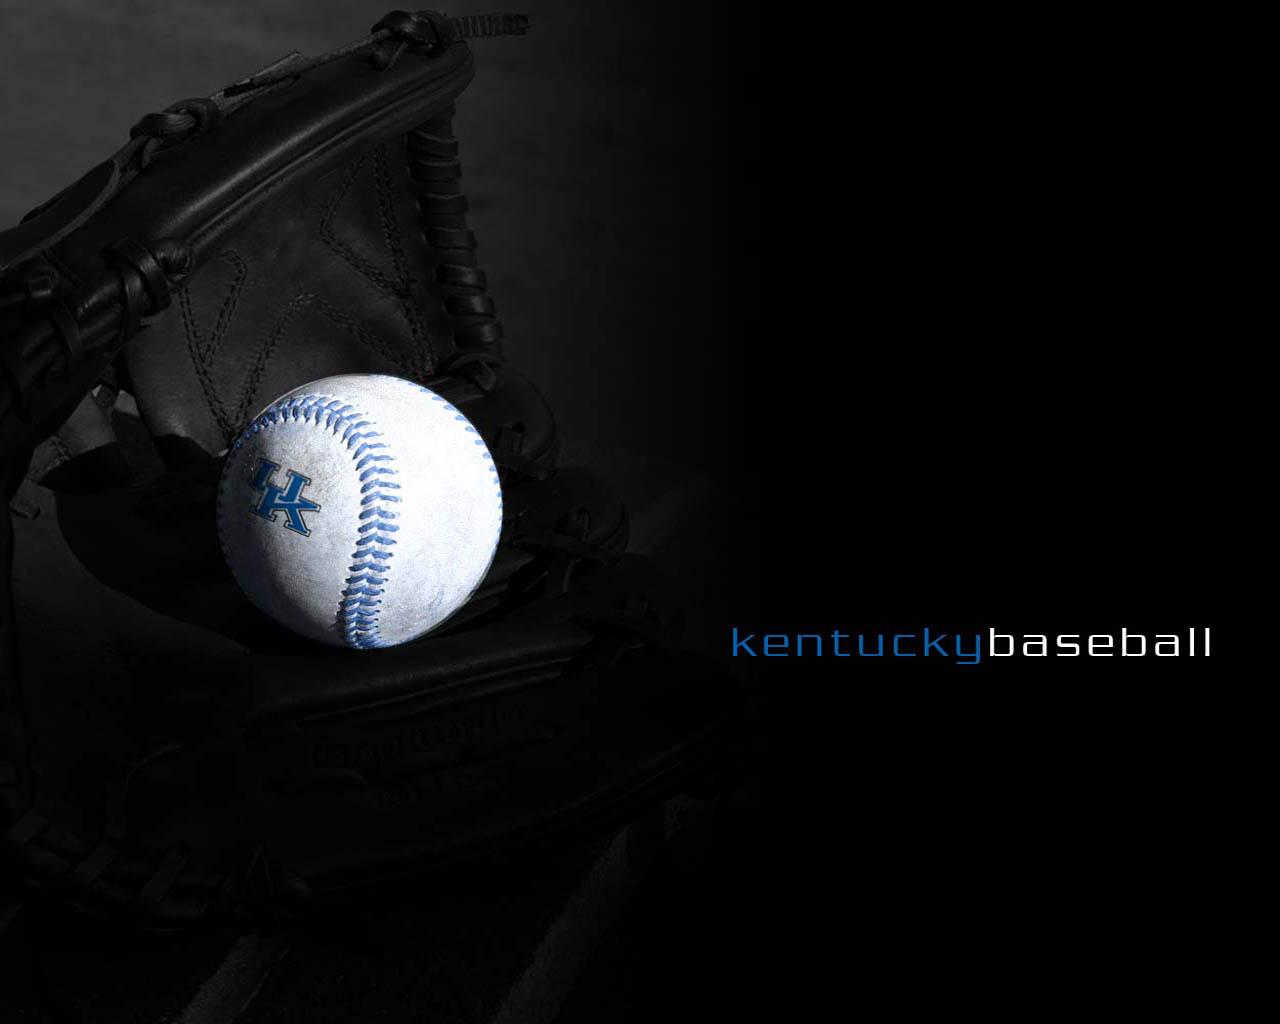 http://2.bp.blogspot.com/_TcwbPuj2SZ0/S9ChnEFjjaI/AAAAAAAAQiM/EpmutOU59Wo/s1600/baseball-Desktop-Background.jpg